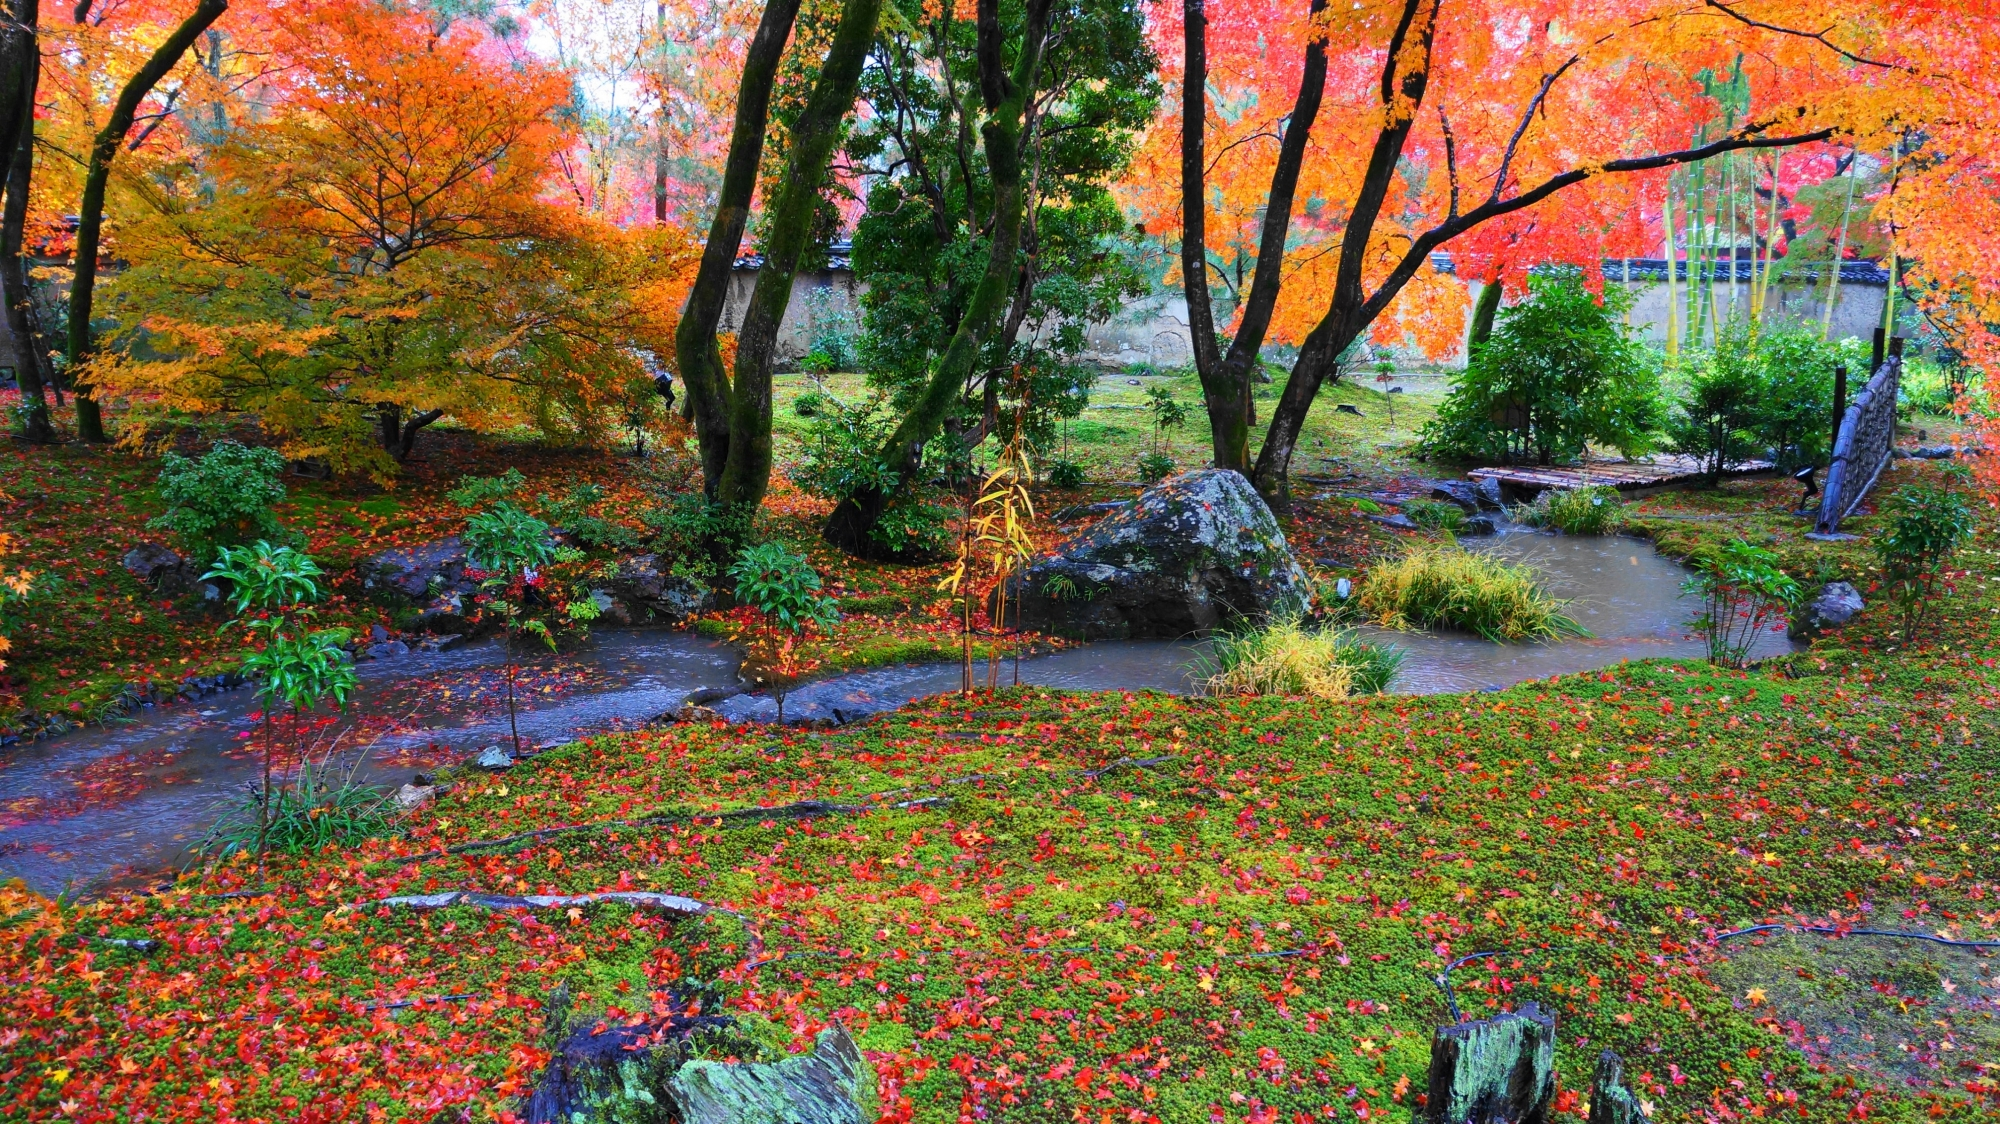 秋色につつまれた宝厳院の獅子吼の庭